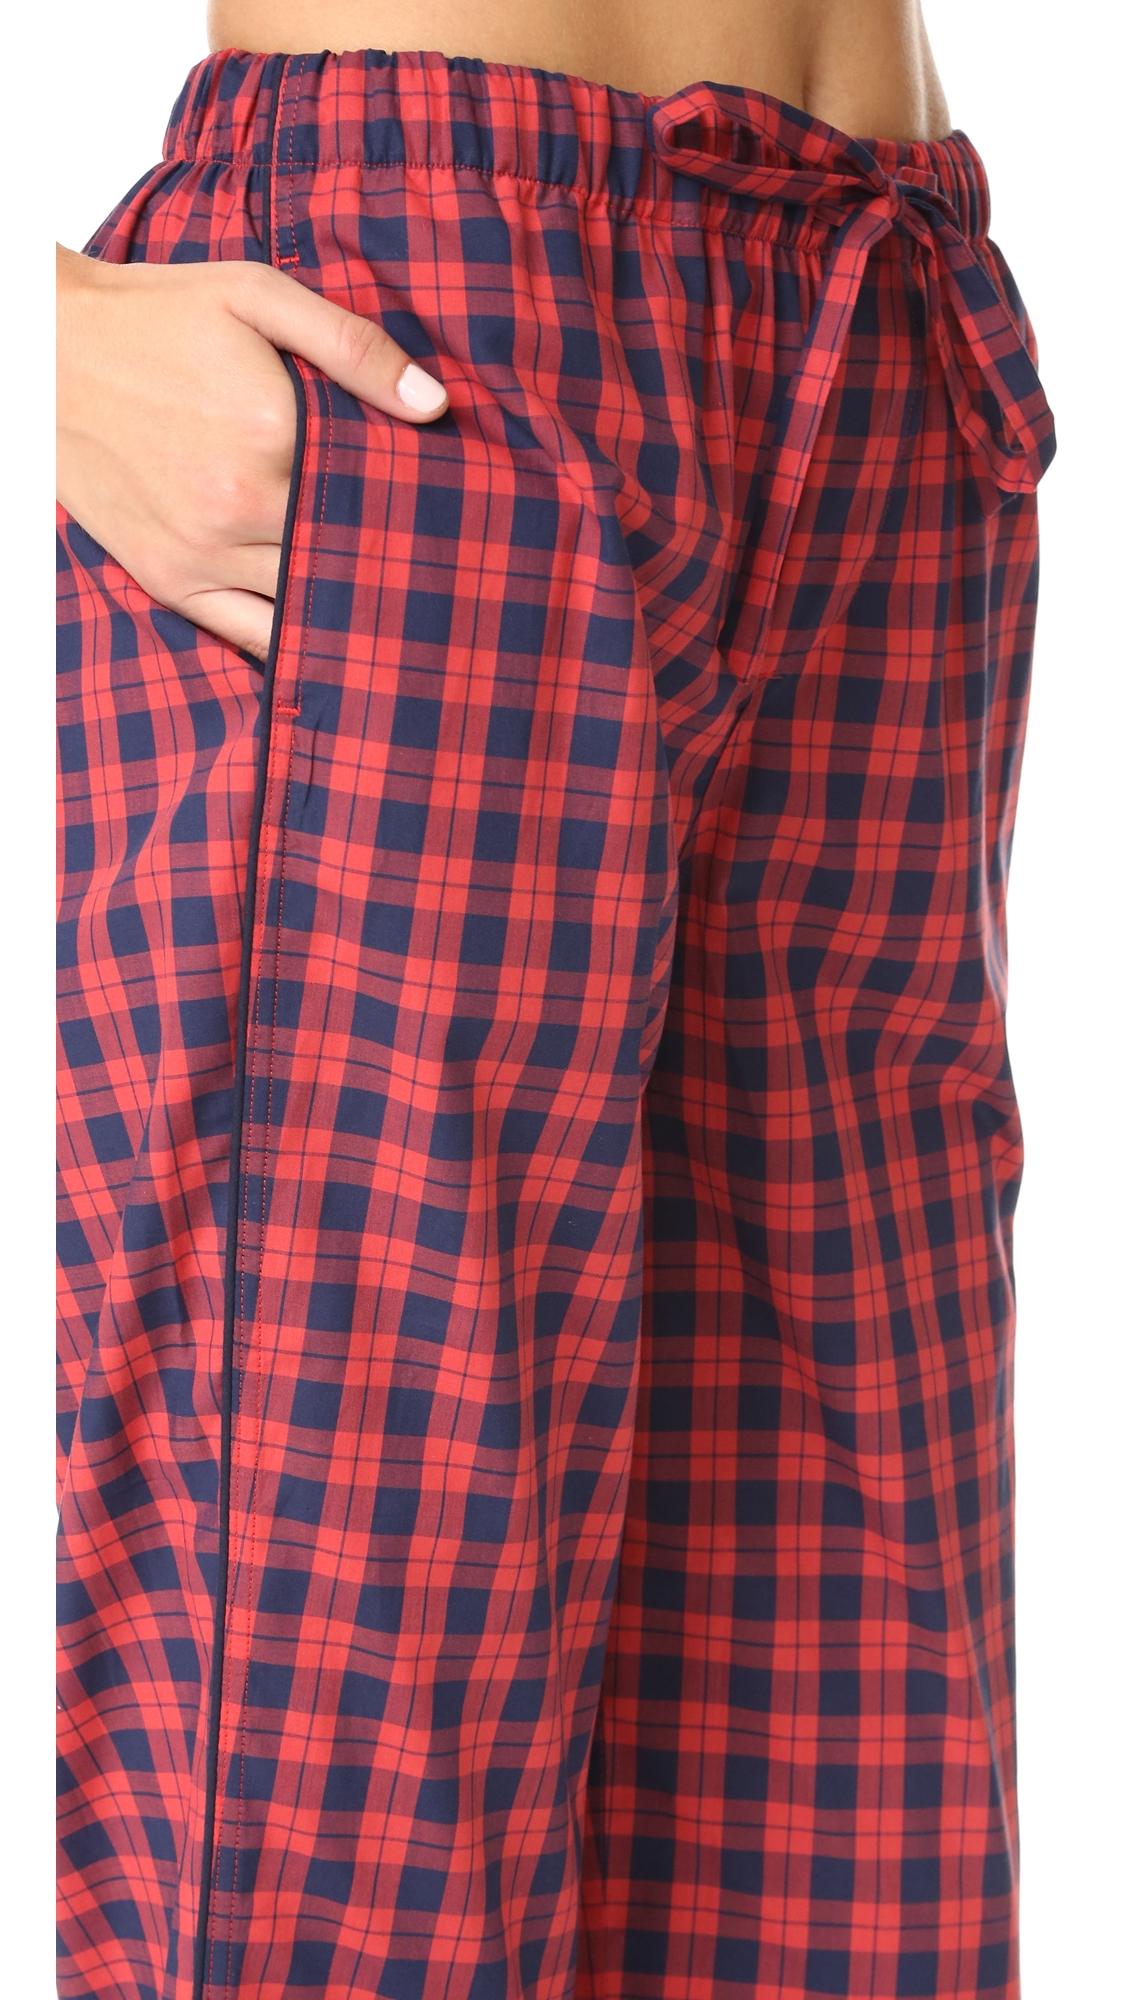 Пижамные брюки Marina из вареной ткани в клетку Sleepy Jones  (SJONE3009127401112)